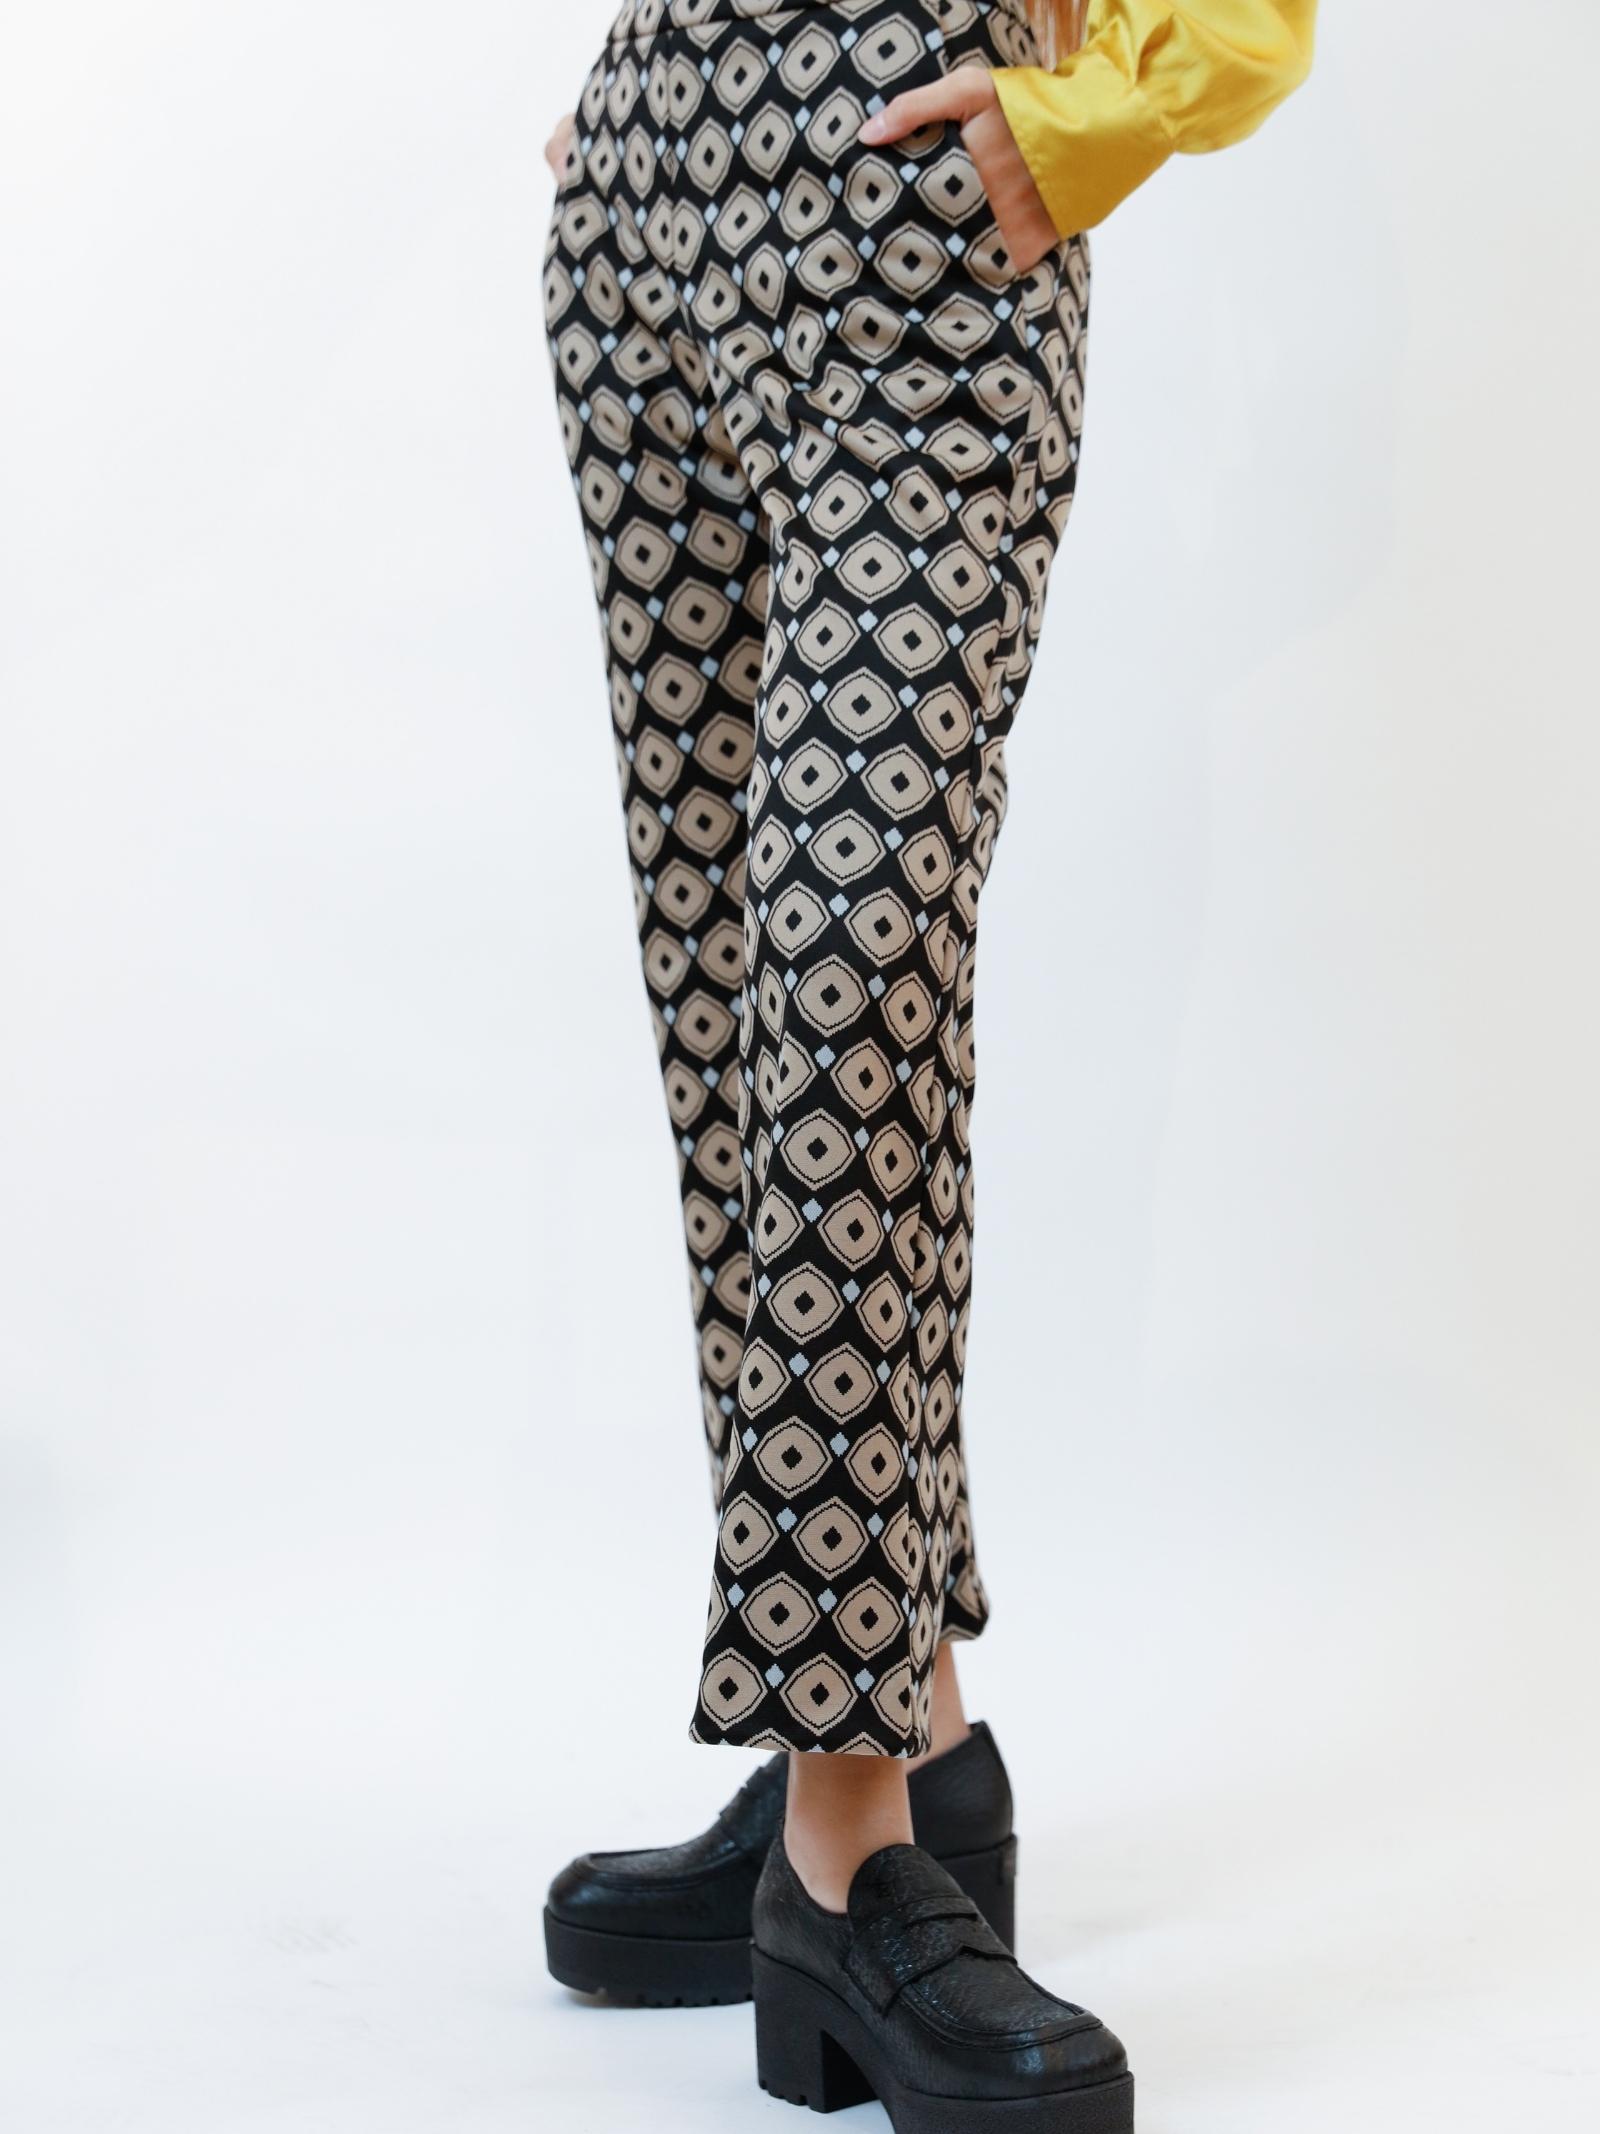 Women's Archizo Jersey Jacquard Stretch Black Patterned Trousers Maliparmi   Skirts and Pants   JH747960050B2027